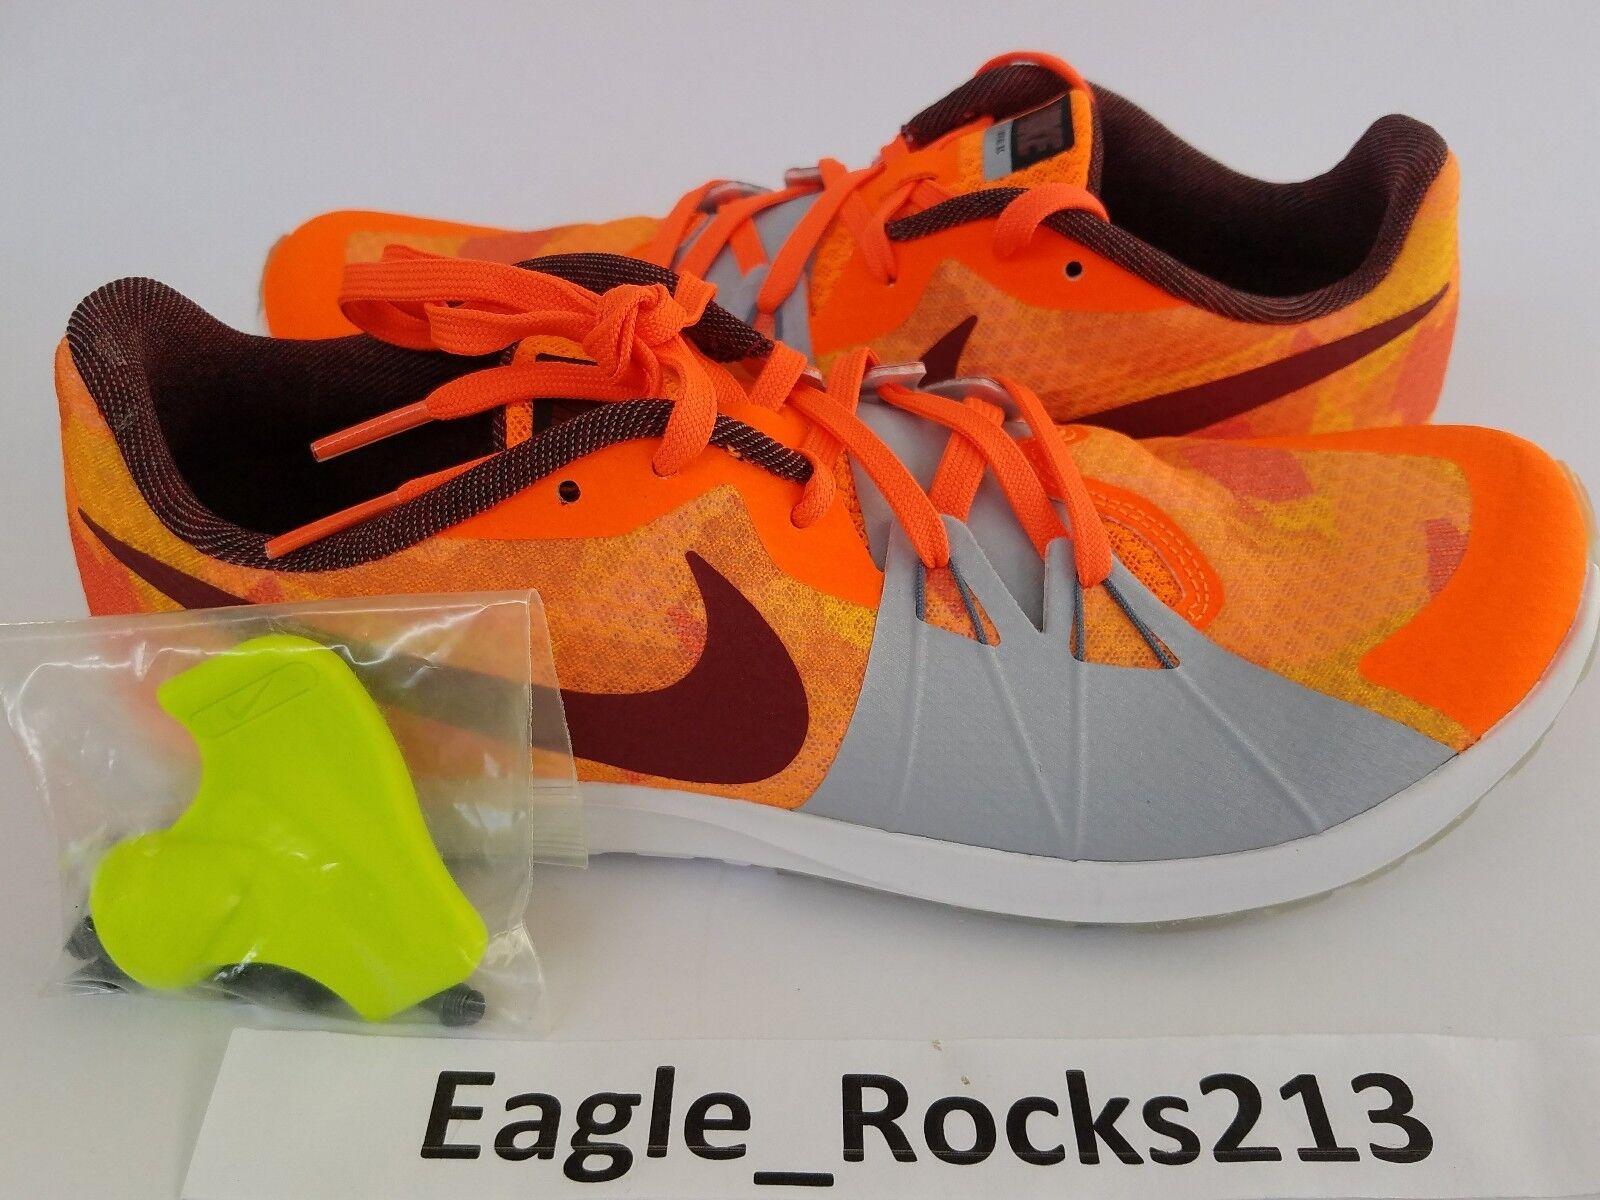 Nike zoom rivale xc traccia scarpa unisex di colore rosso / arancione sz 9 uomini donne 904718